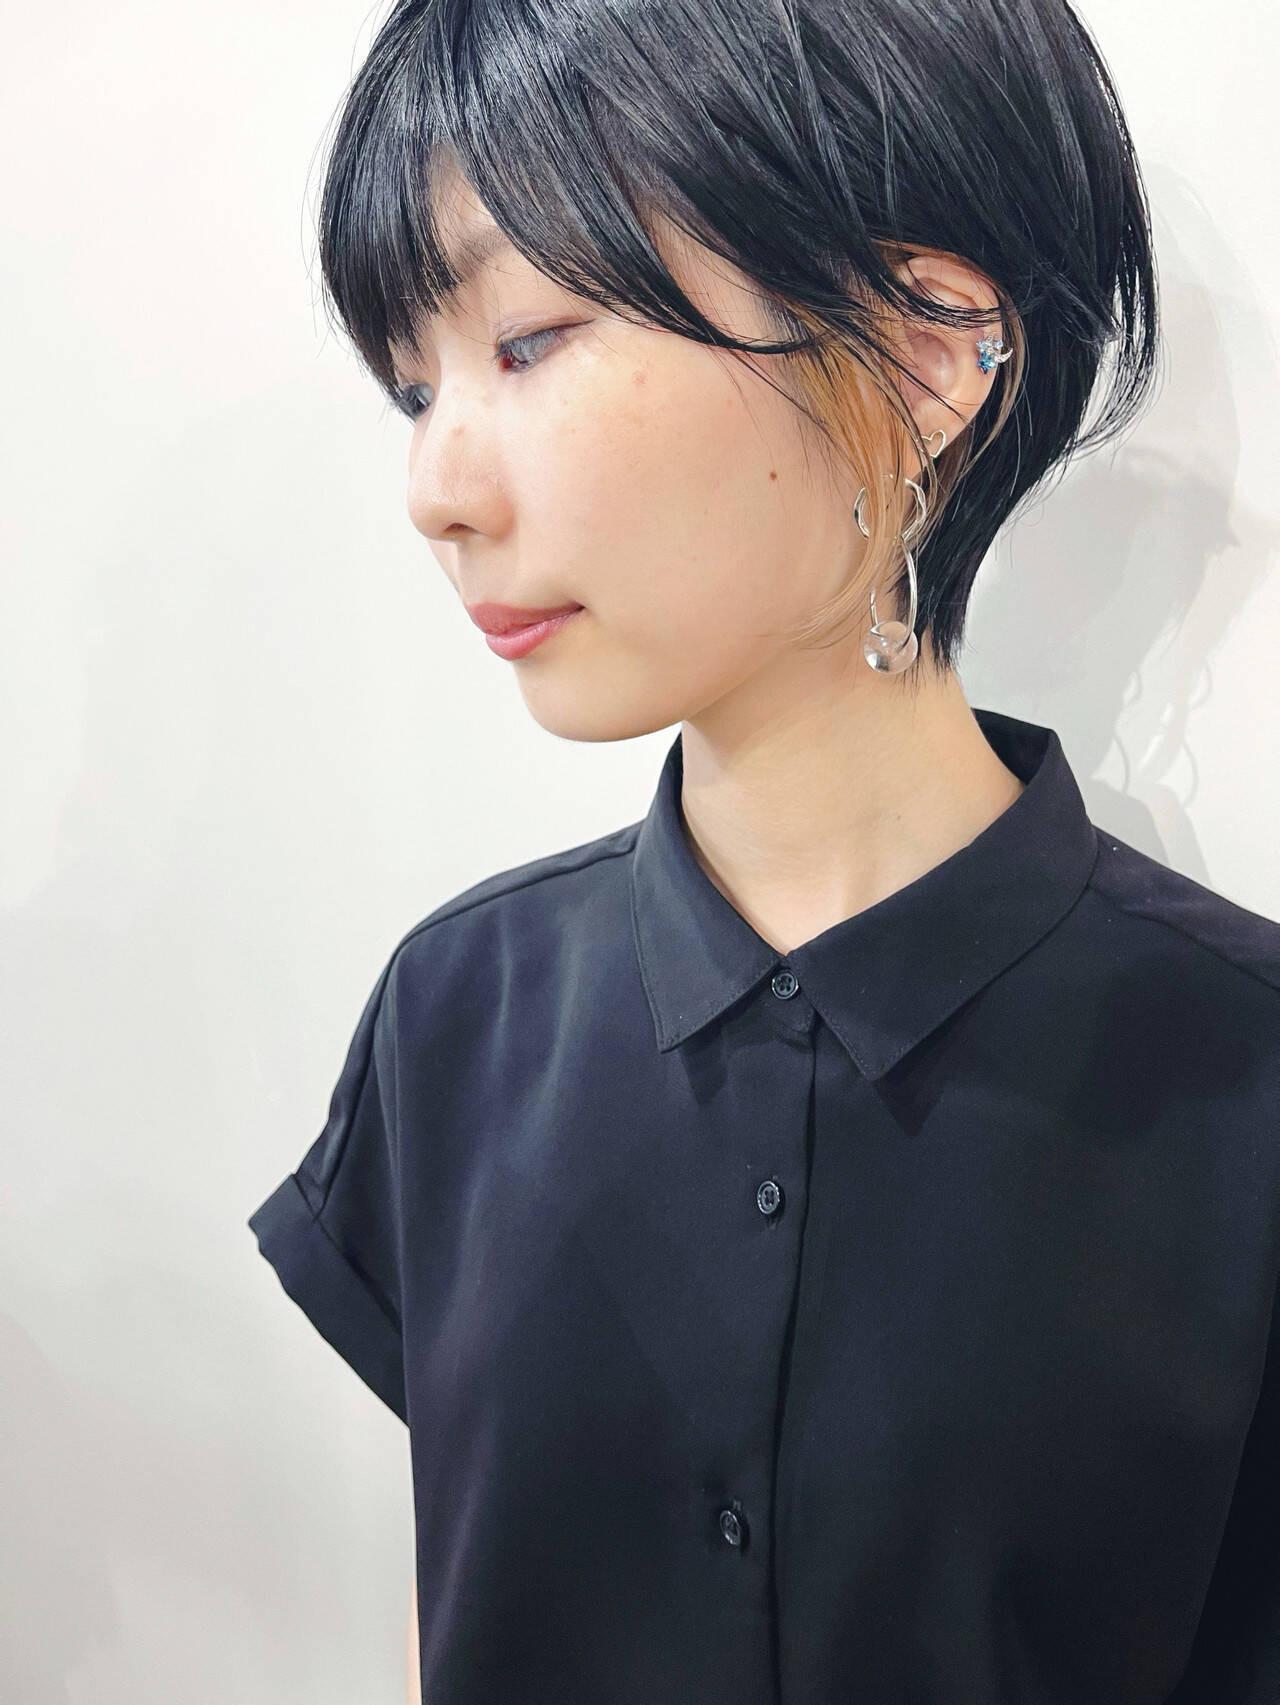 ベージュのイヤリングカラー 真鍋 龍平  Riches by ENVY.西宮北口